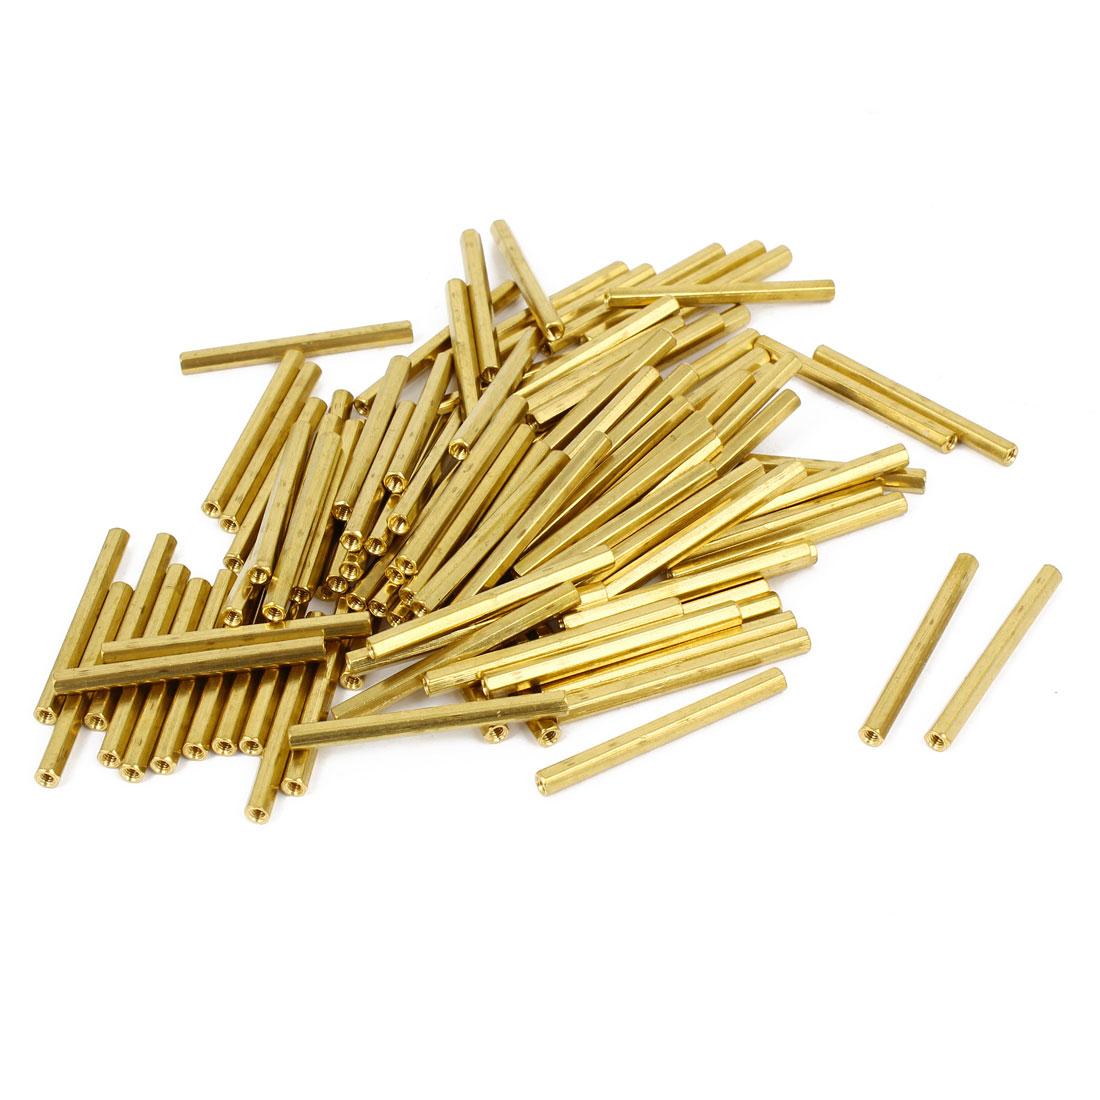 100 Pcs M2 Female Thread Brass Pillar Standoff Hexagonal Spacer 33mm Length